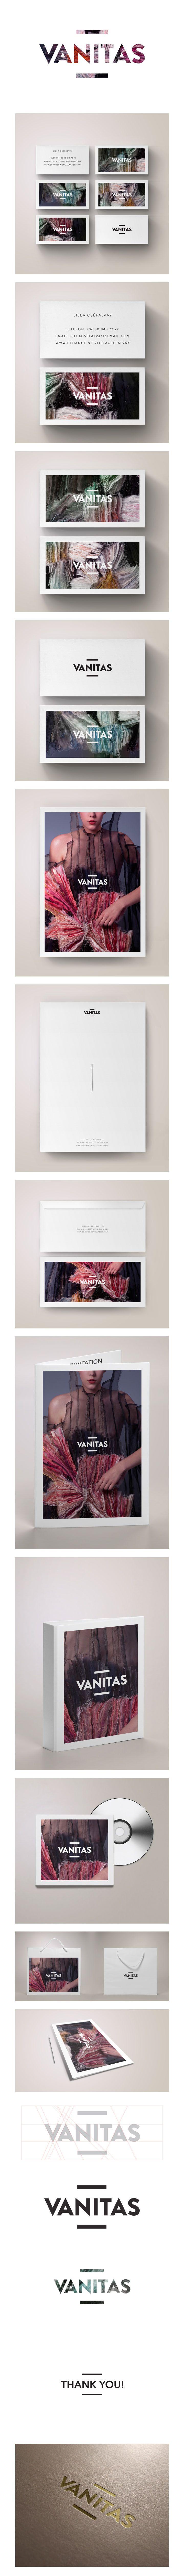 Vanitas #branding #total #design